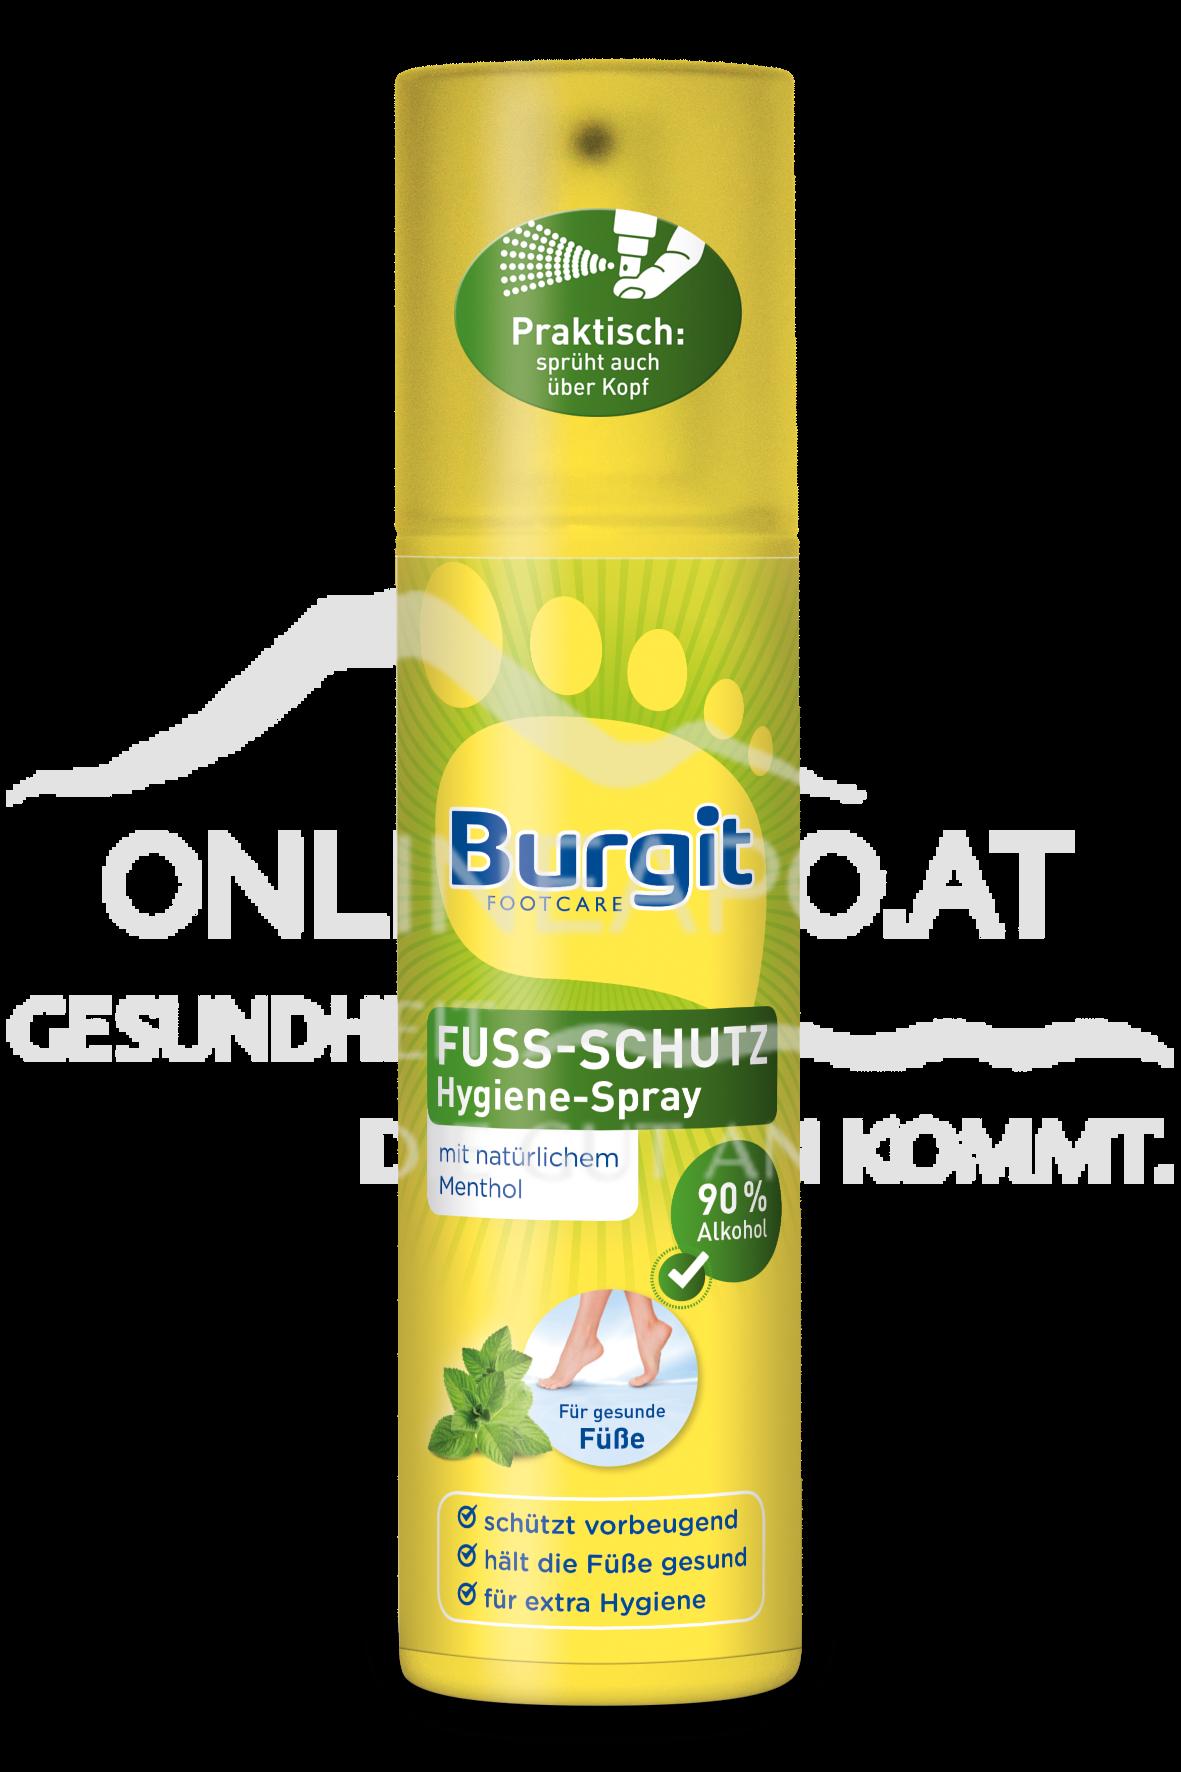 Burgit Fuß-Schutz-Hygiene Spray